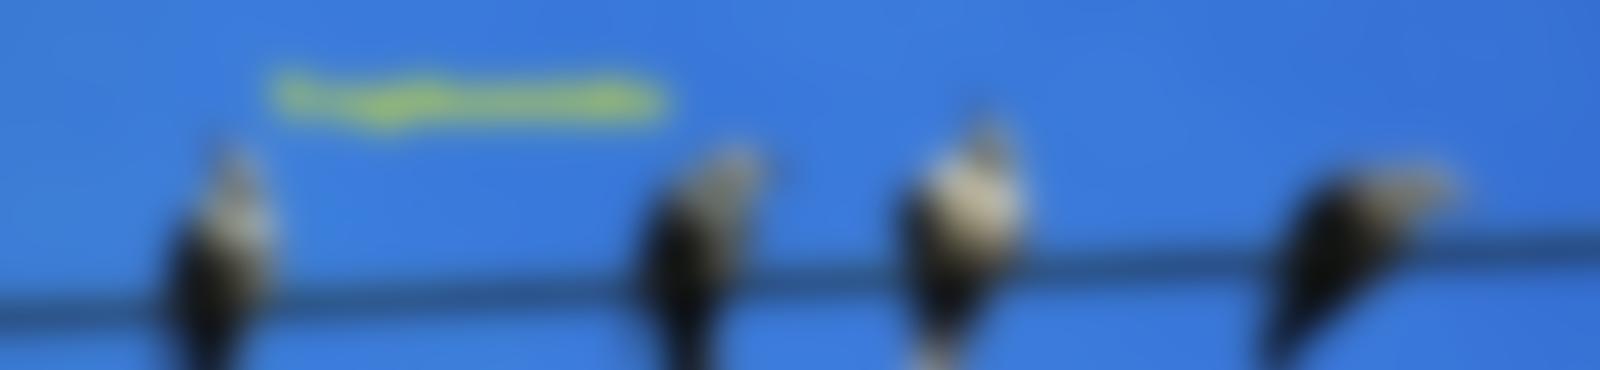 Blurred b86a10e2 fd20 4c39 a356 529d492a8349